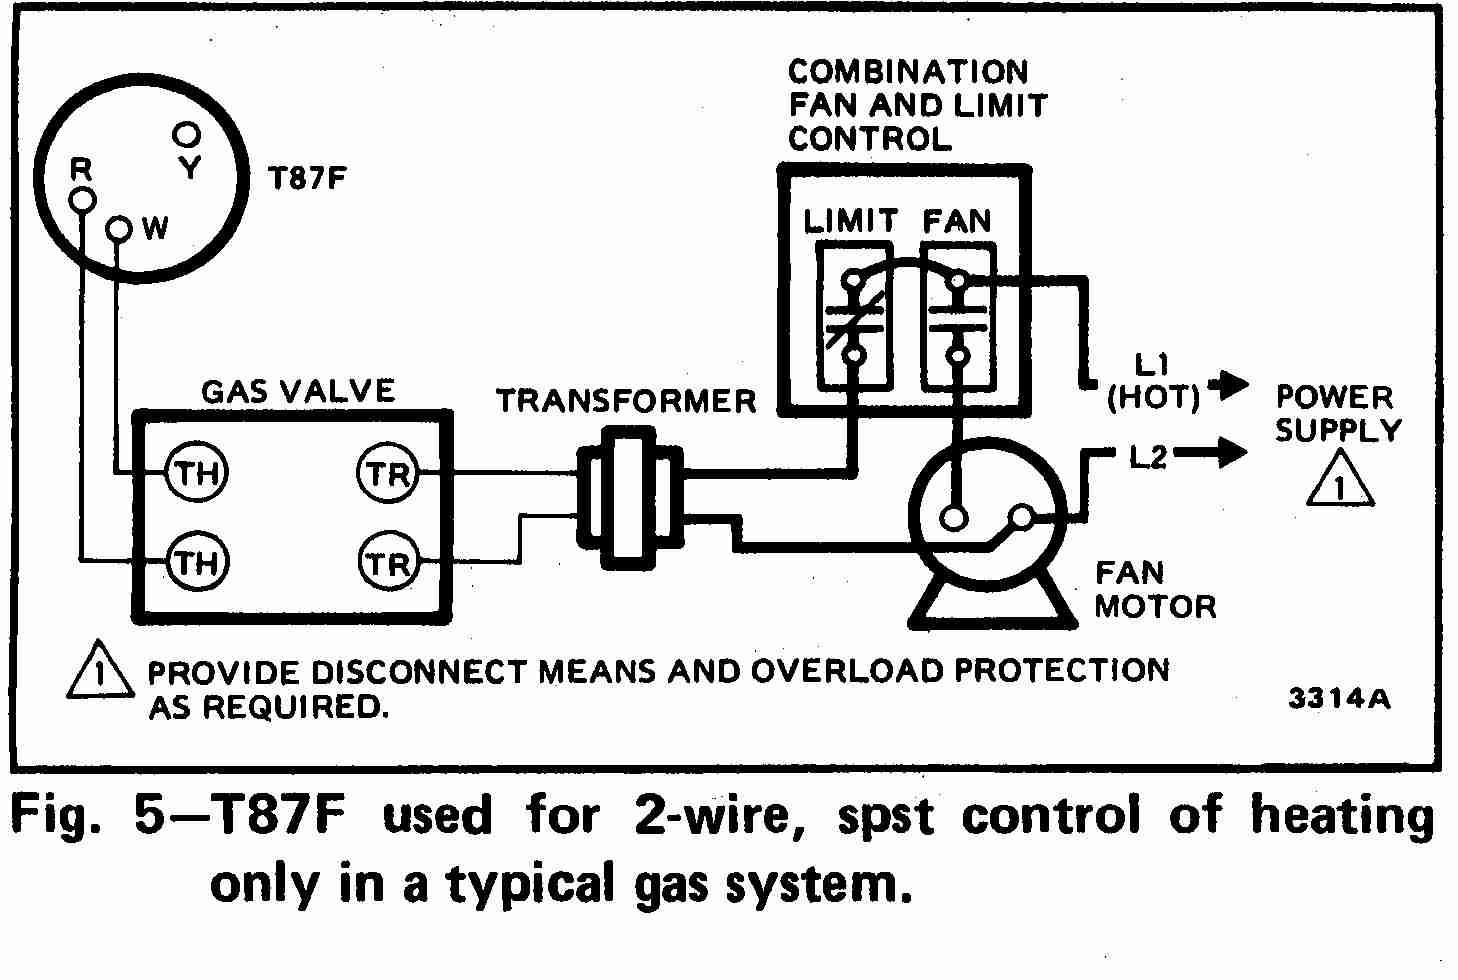 TT_T87F_0002_2Wg_DJF hvac wiring schematics 90 340 relay wiring diagrams Basic HVAC Wiring Diagrams at reclaimingppi.co